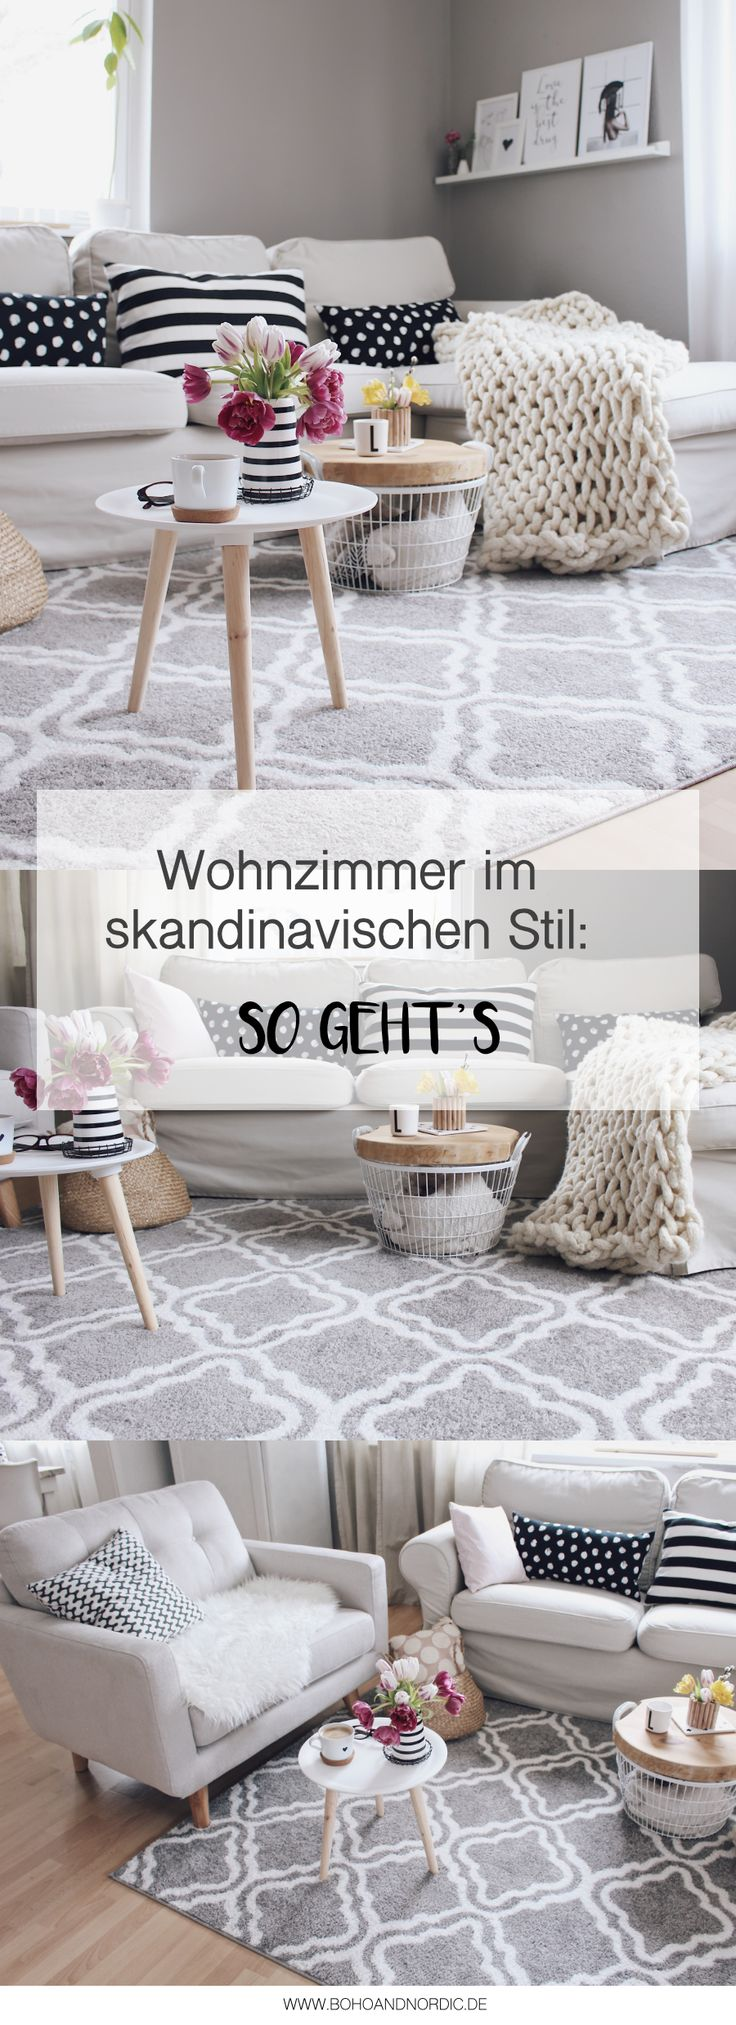 Anzeige – Wohnzimmer im skandinavischen Stil einrichten. #OTTOliving Wohnzimmer …